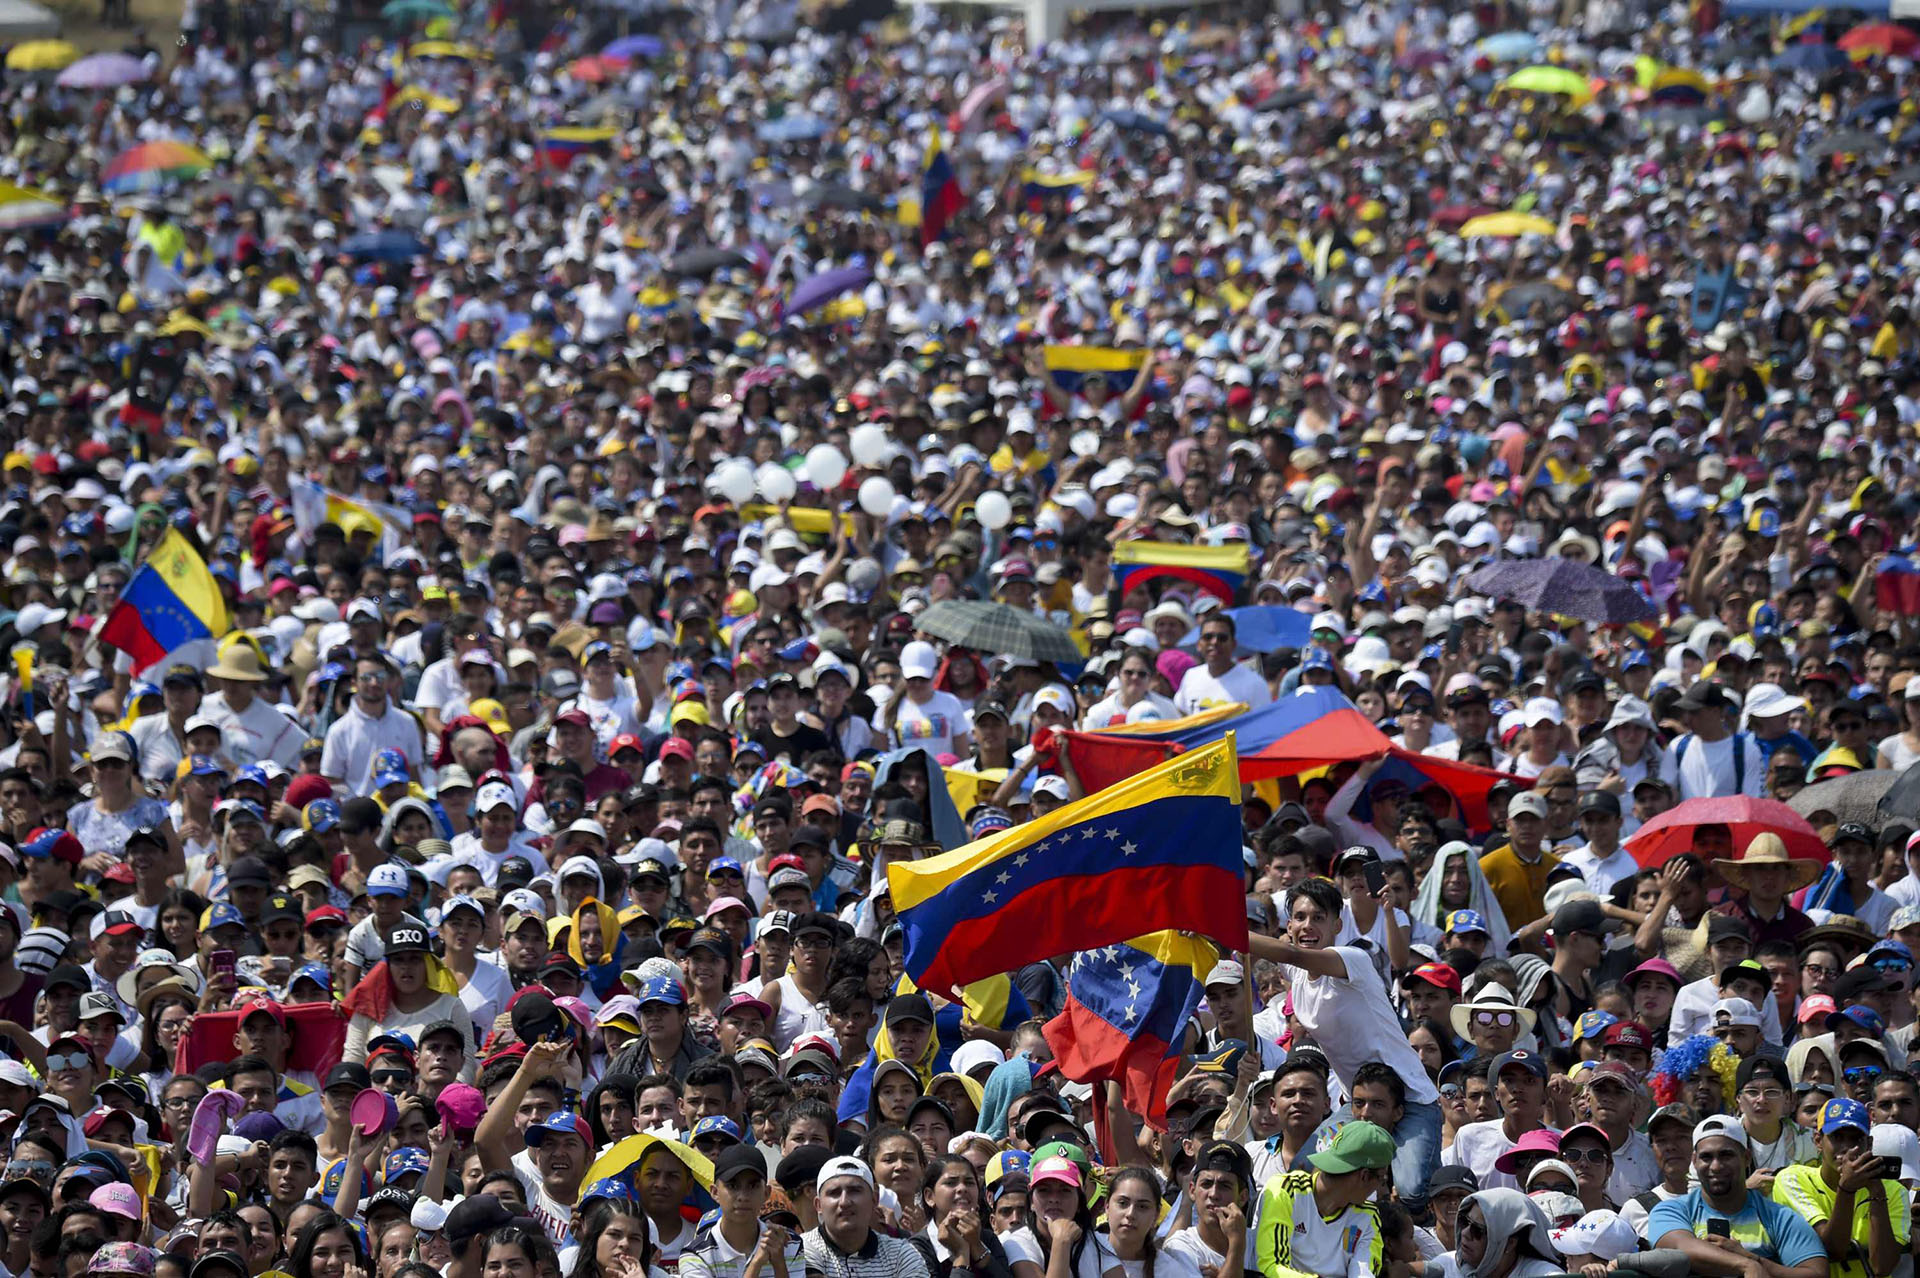 """Se espera la asistencia de 250.000 personas en el """"Venezuela Aid Live"""" este viernes en Cúcuta, Colombia. (AFP)"""